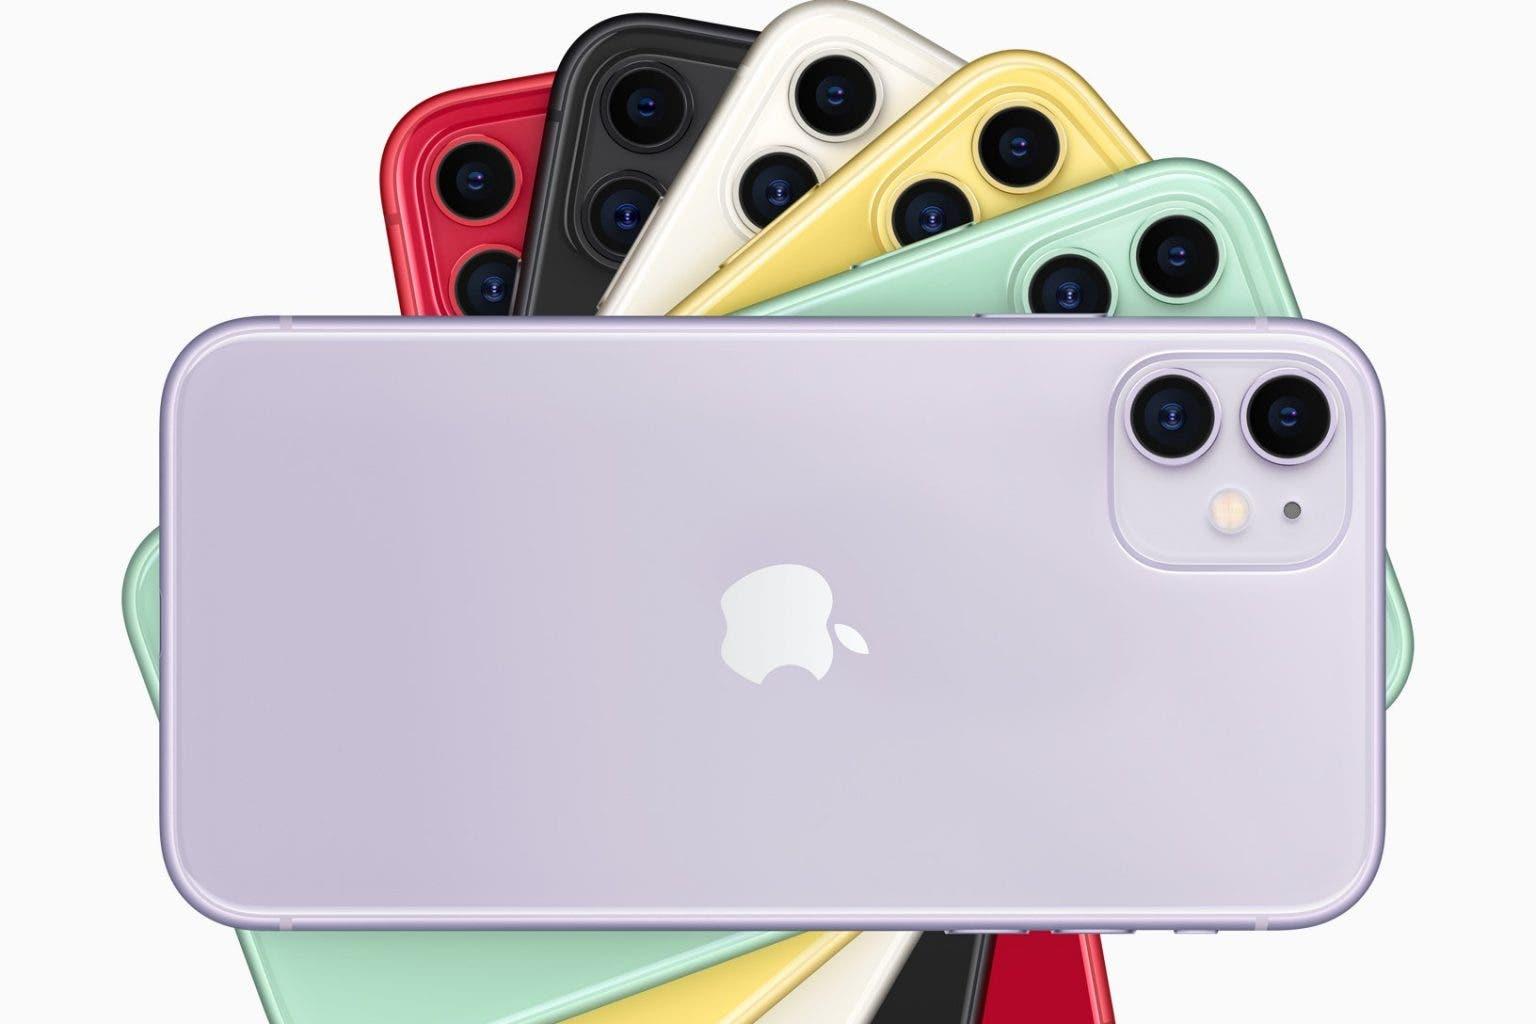 سلسلة iPhone أكثر اتساعًا هذا العام مع تقديم ما لا يقل عن أربعة طرازات من iPhone 12